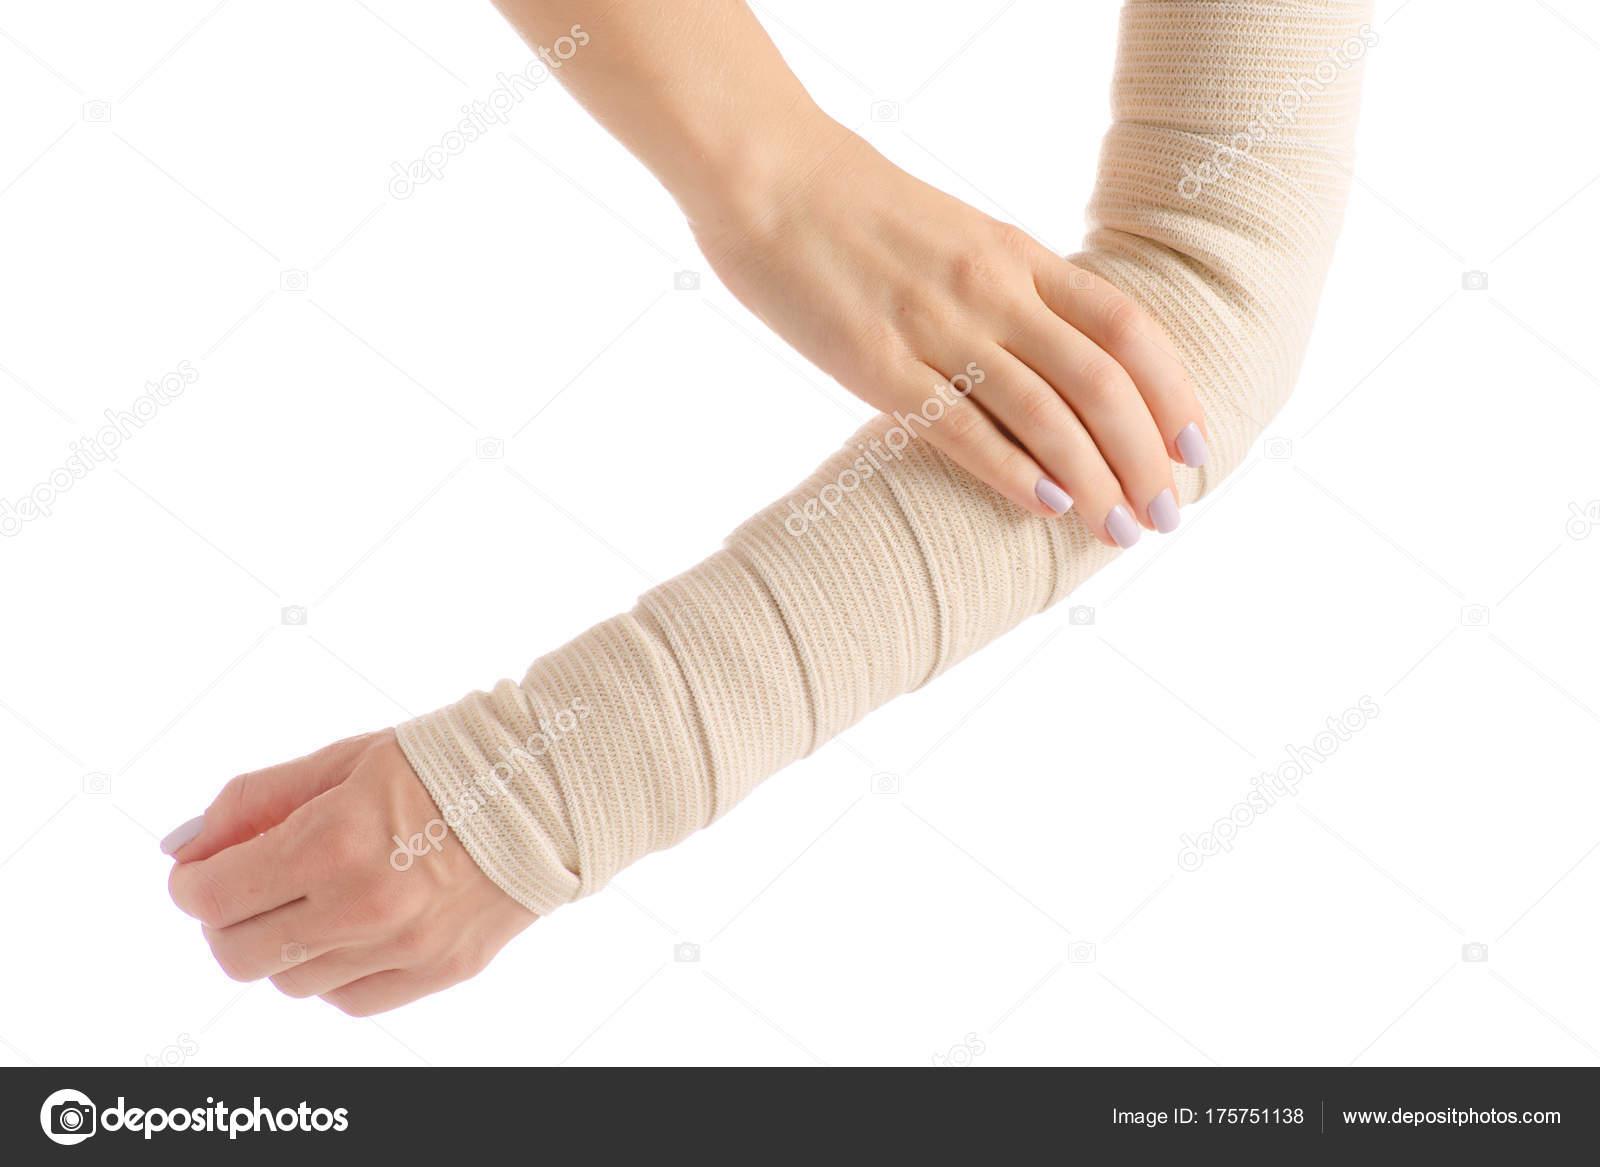 Female Hand Elastic Bandage Injury Stock Photo C Evgenyjs1